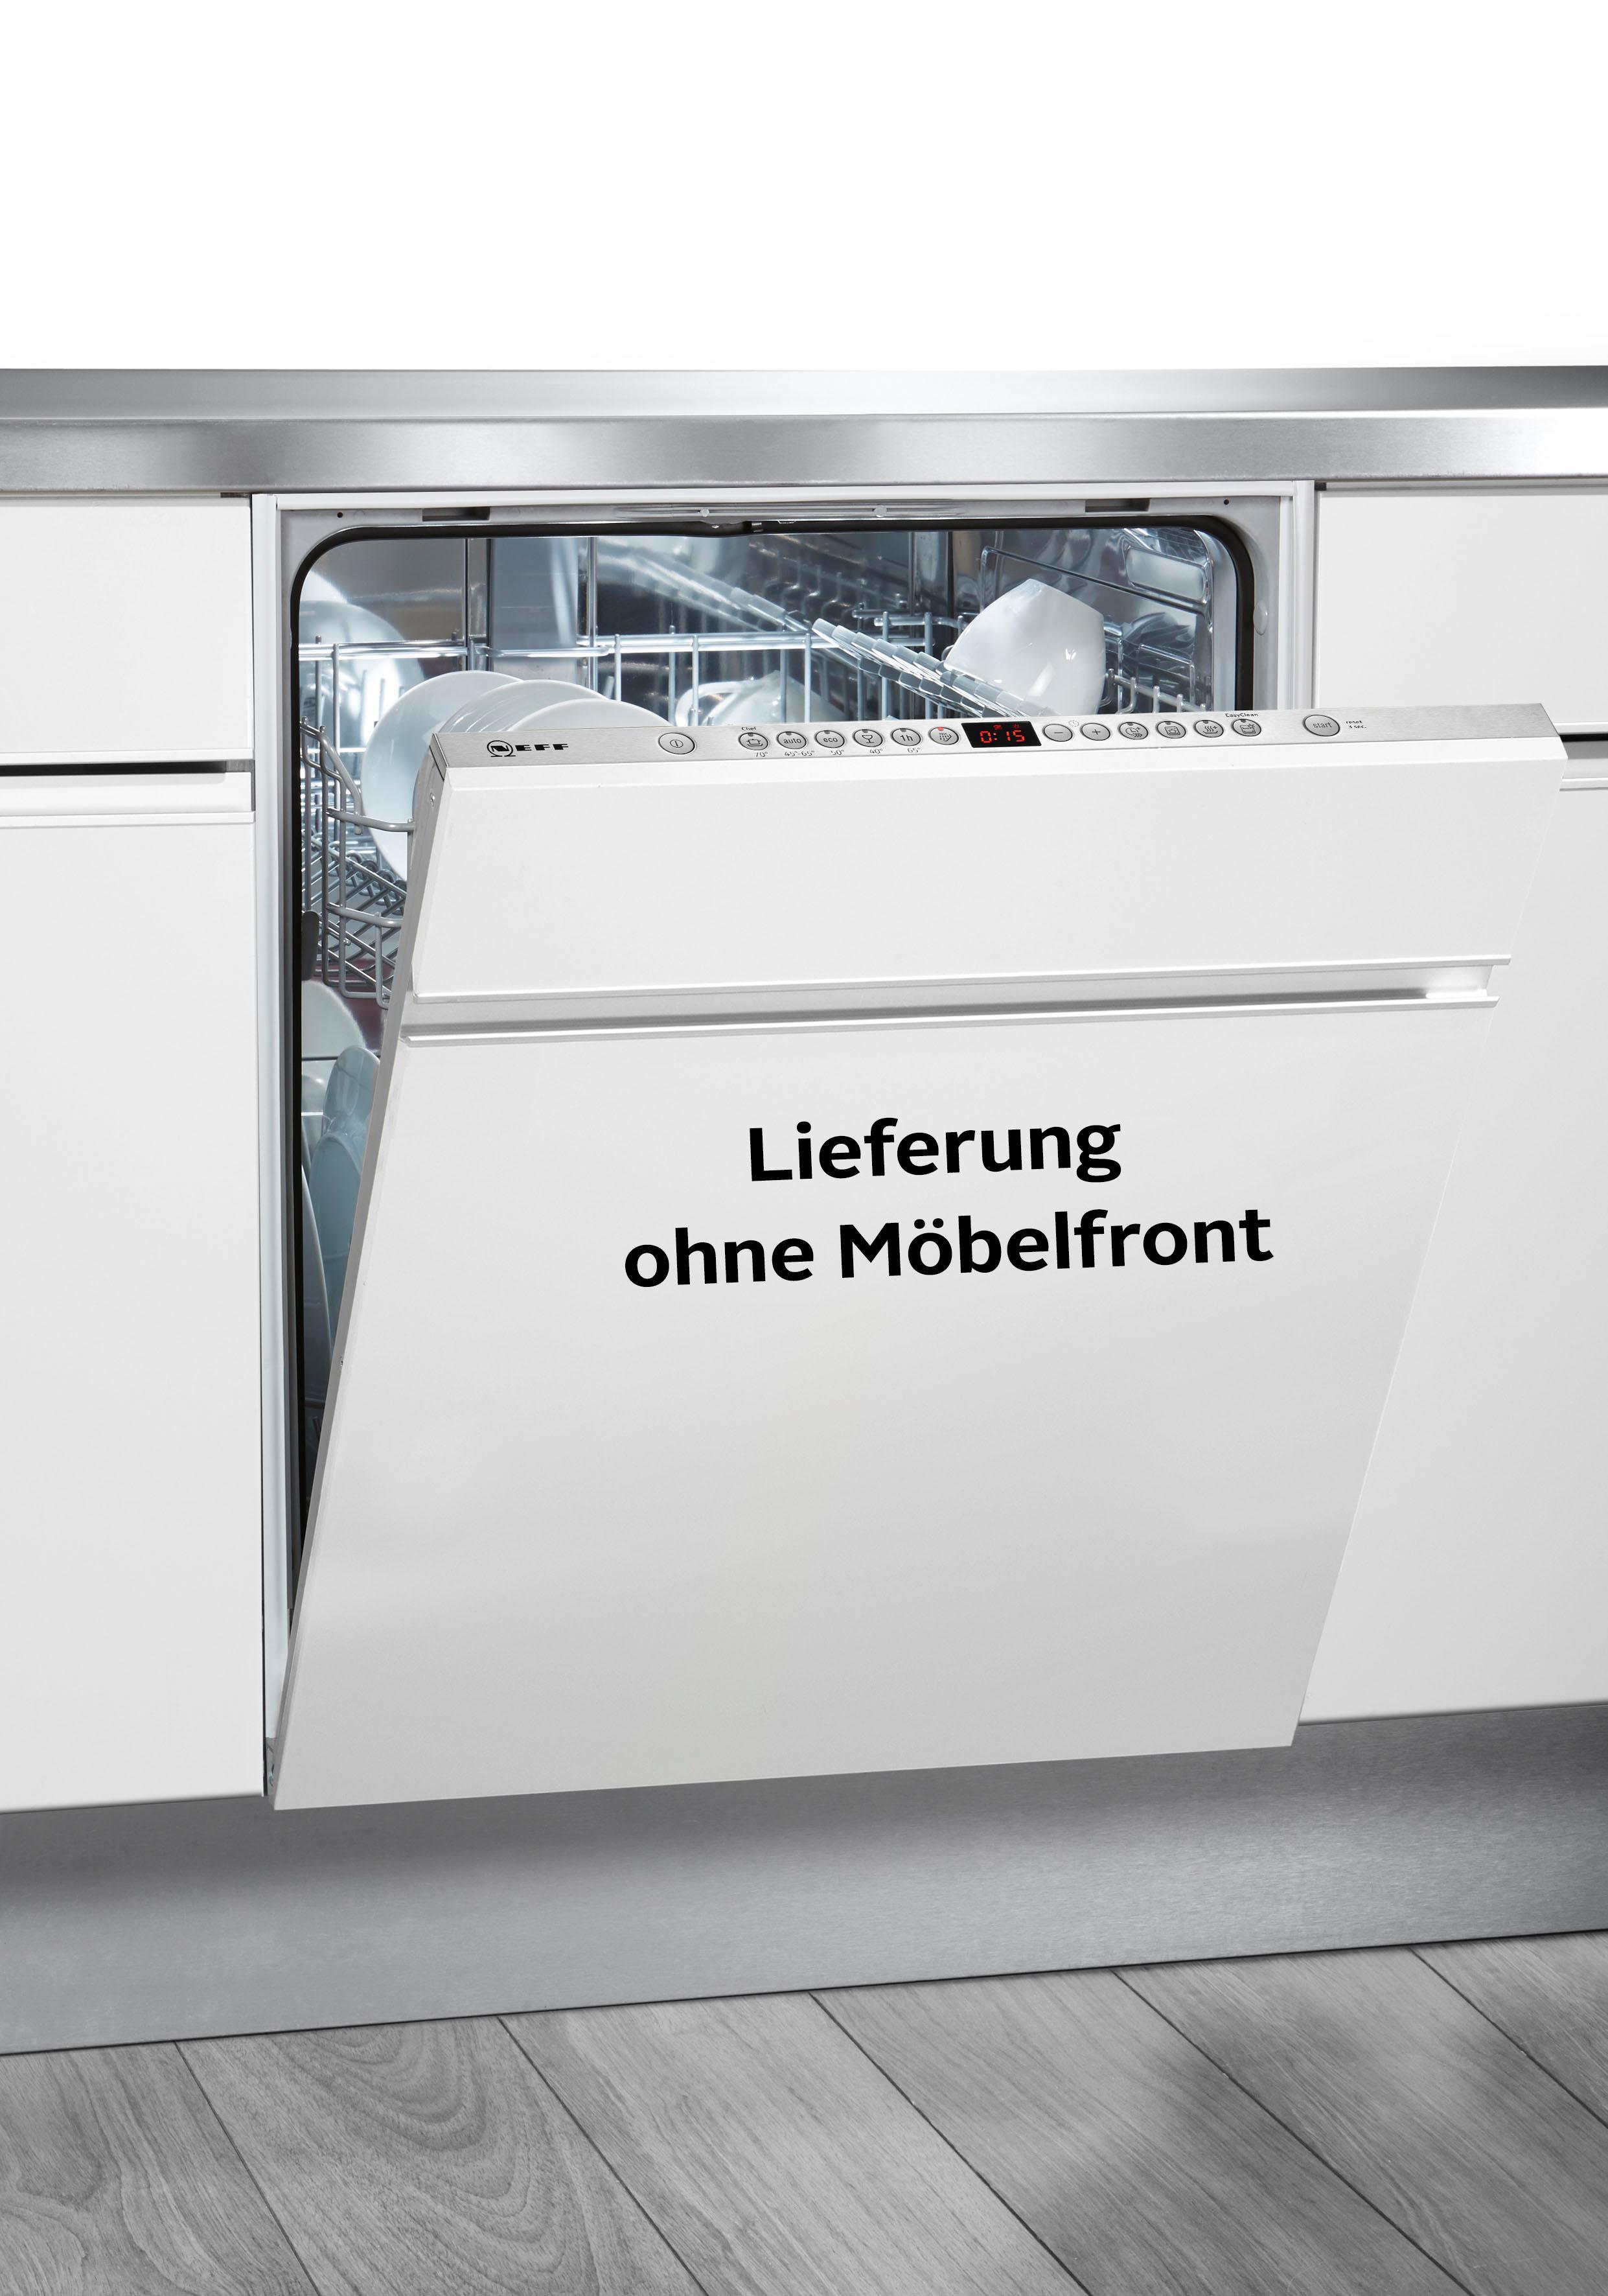 NEFF vollintegrierbarer Geschirrspüler Serie 3 95 Liter 12 Maßgedecke   Küche und Esszimmer > Küchenelektrogeräte > Gefrierschränke   NEFF